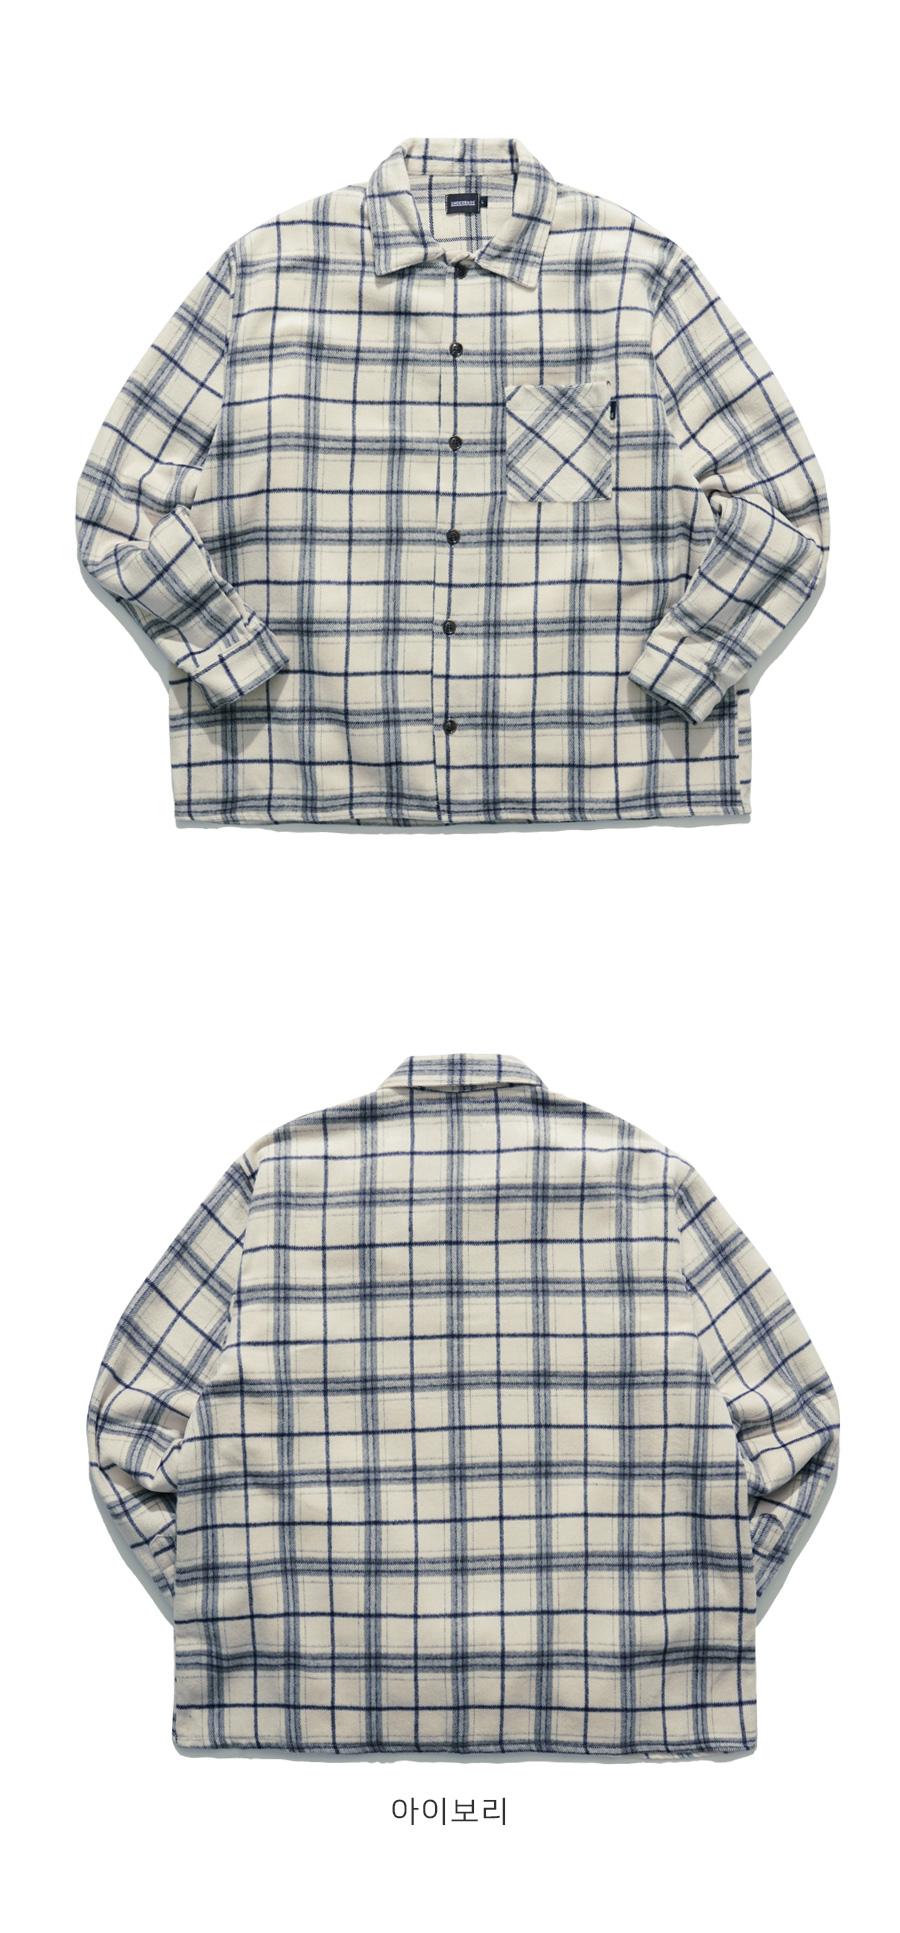 [언더베이스] 구피체크 셔츠 JKLS9071